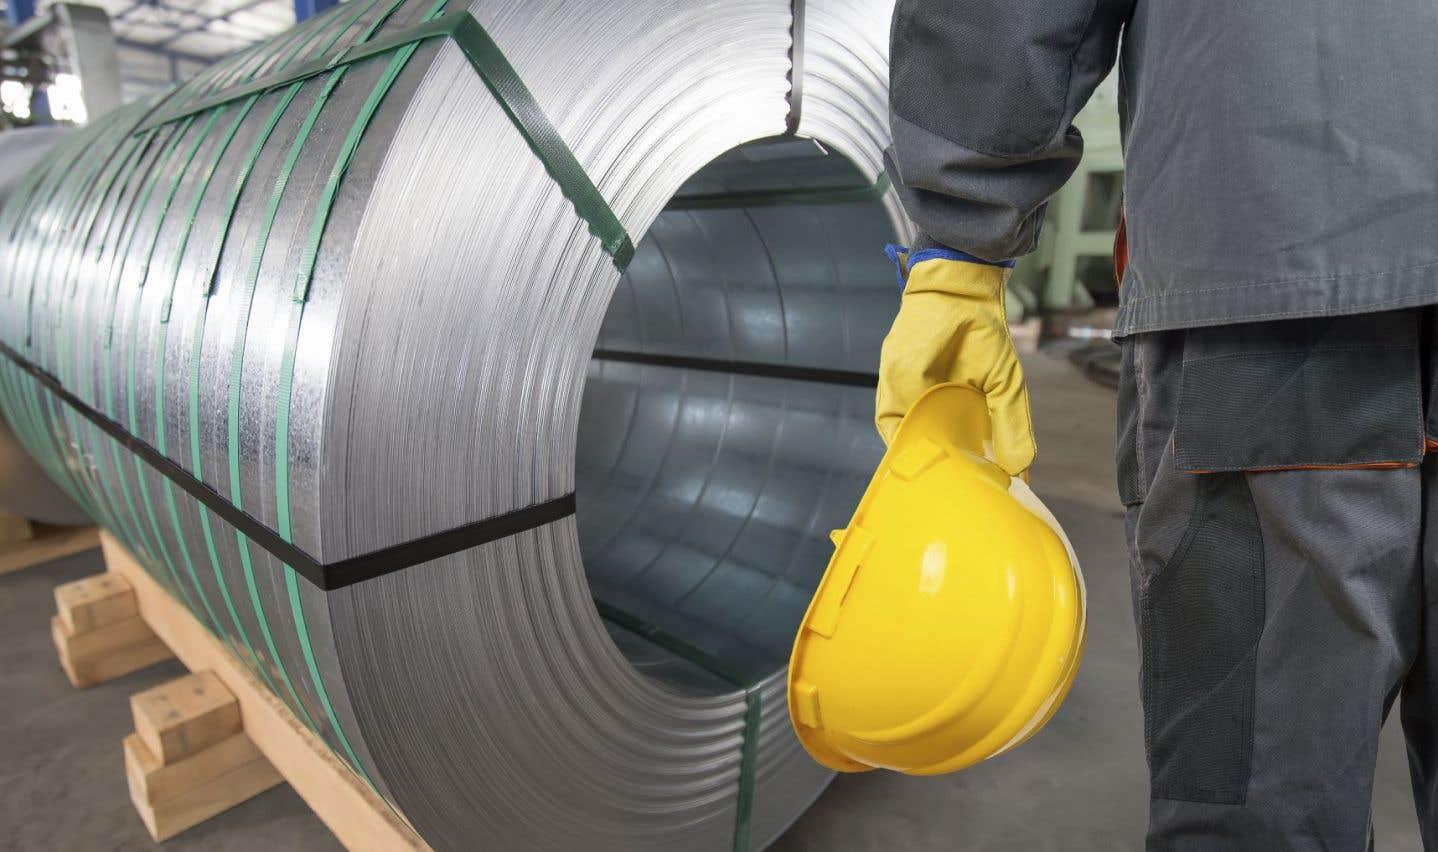 L'arrivée de nouveaux joueurs sur le marché a considérablement fait dégringoler le prix de la tonne d'aluminium, qui est passé de 3000 $US à environ 1500 $US depuis 2008.